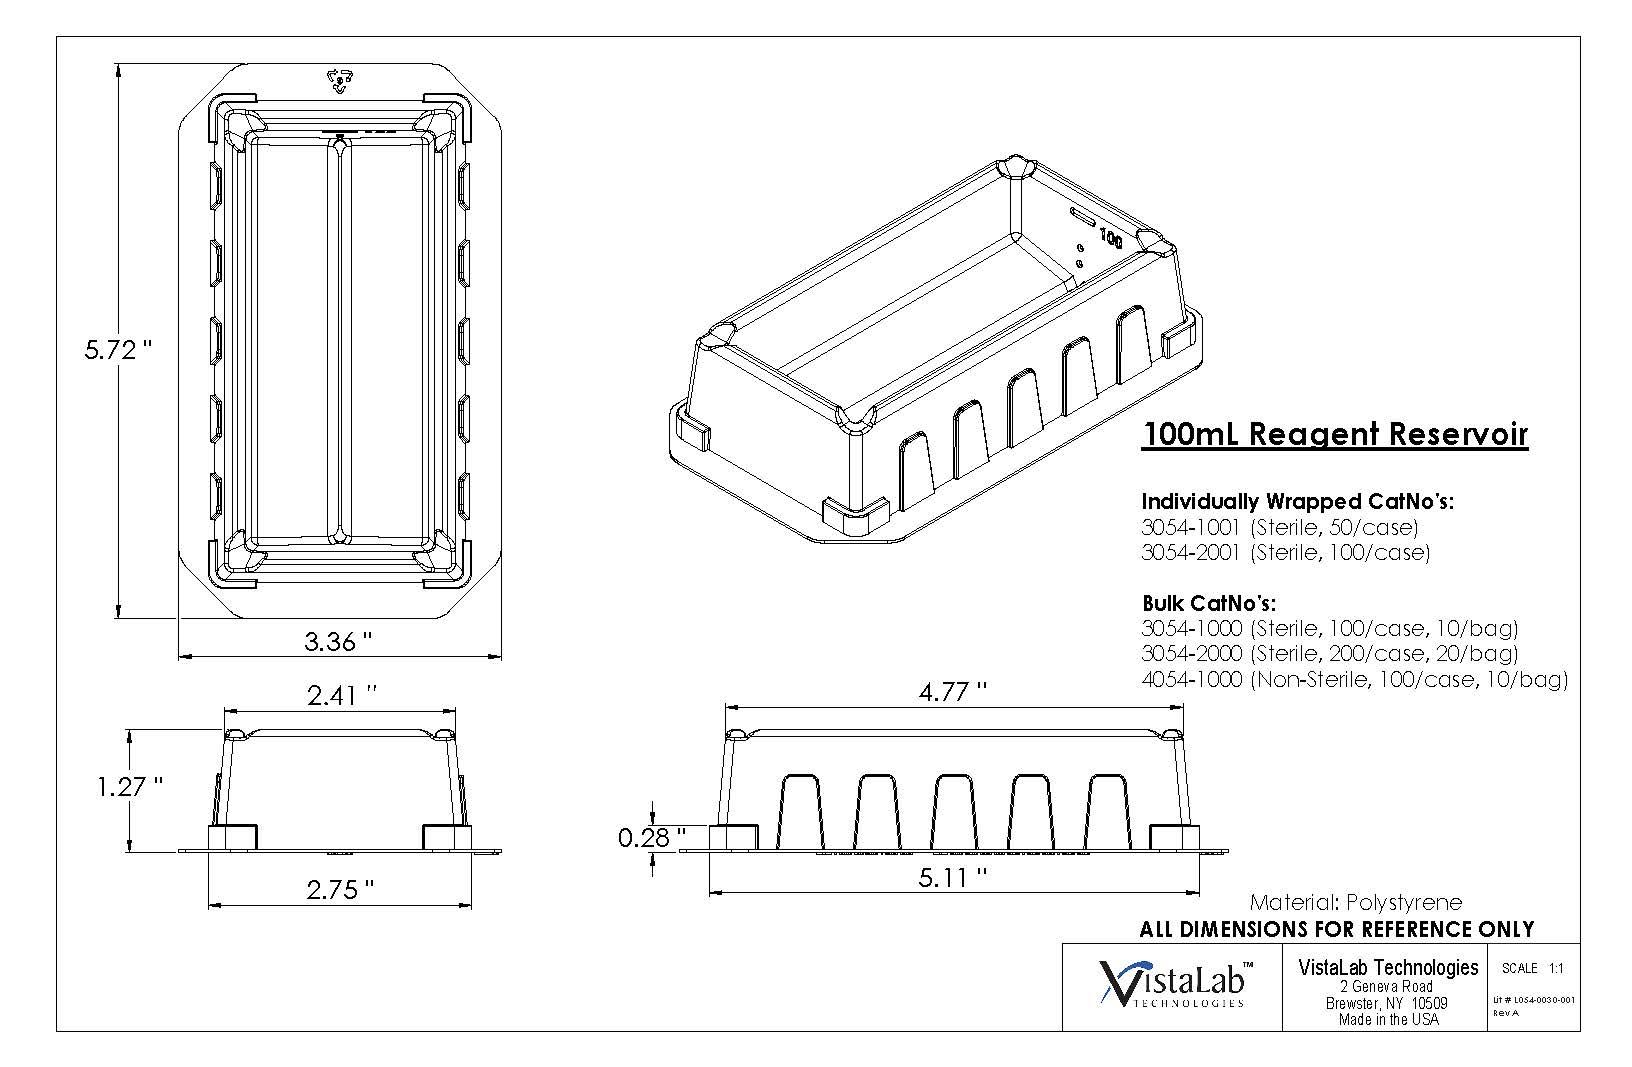 100ml_reservoir_dimensionsJB